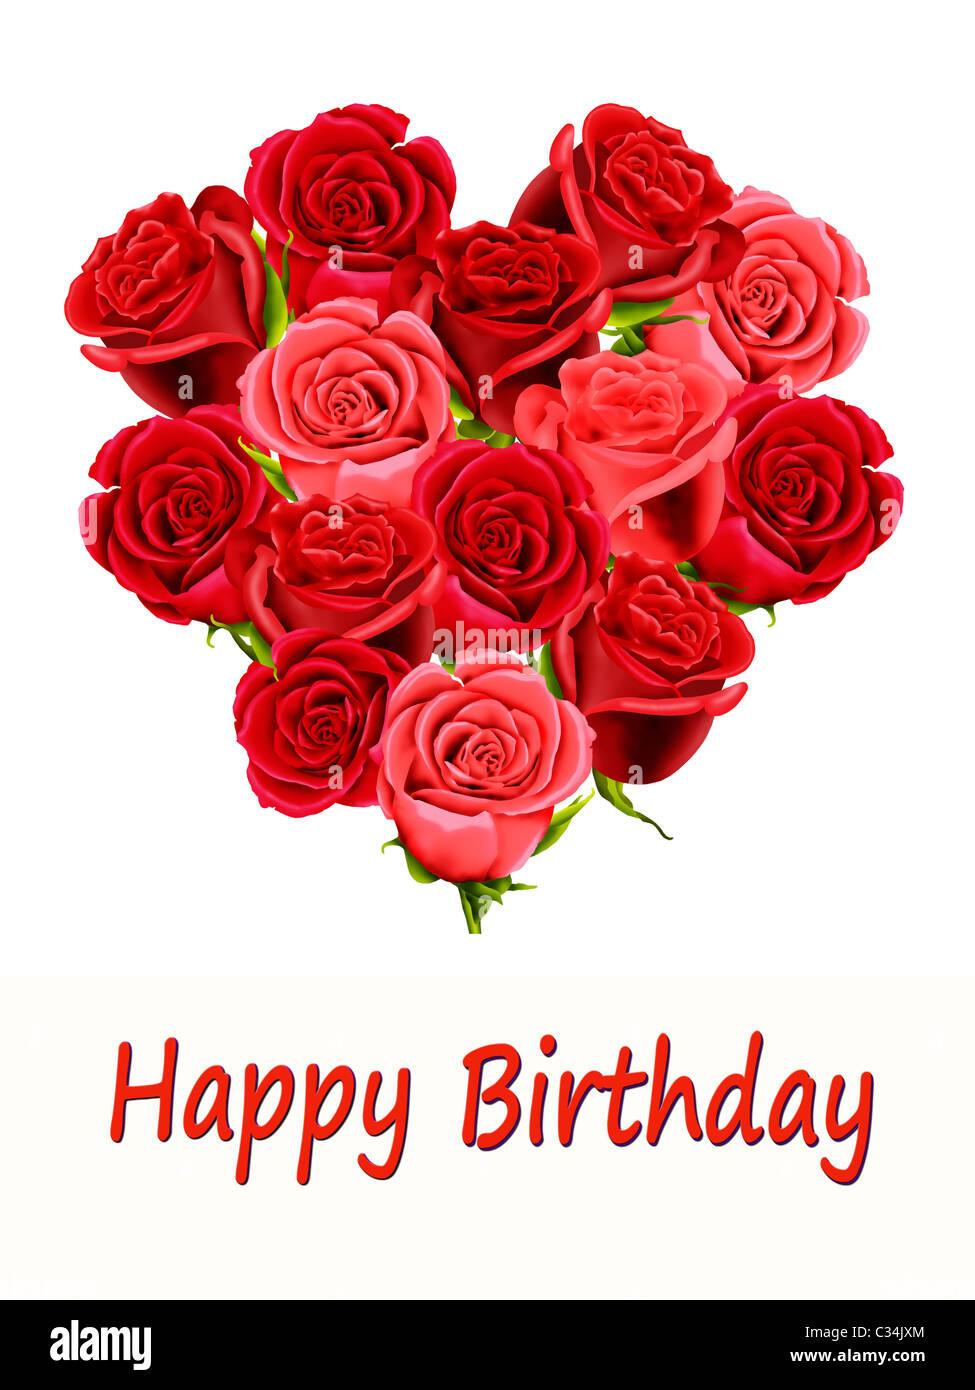 Favoloso Biglietto di auguri di compleanno con un cuore fatto di rose Foto LI39